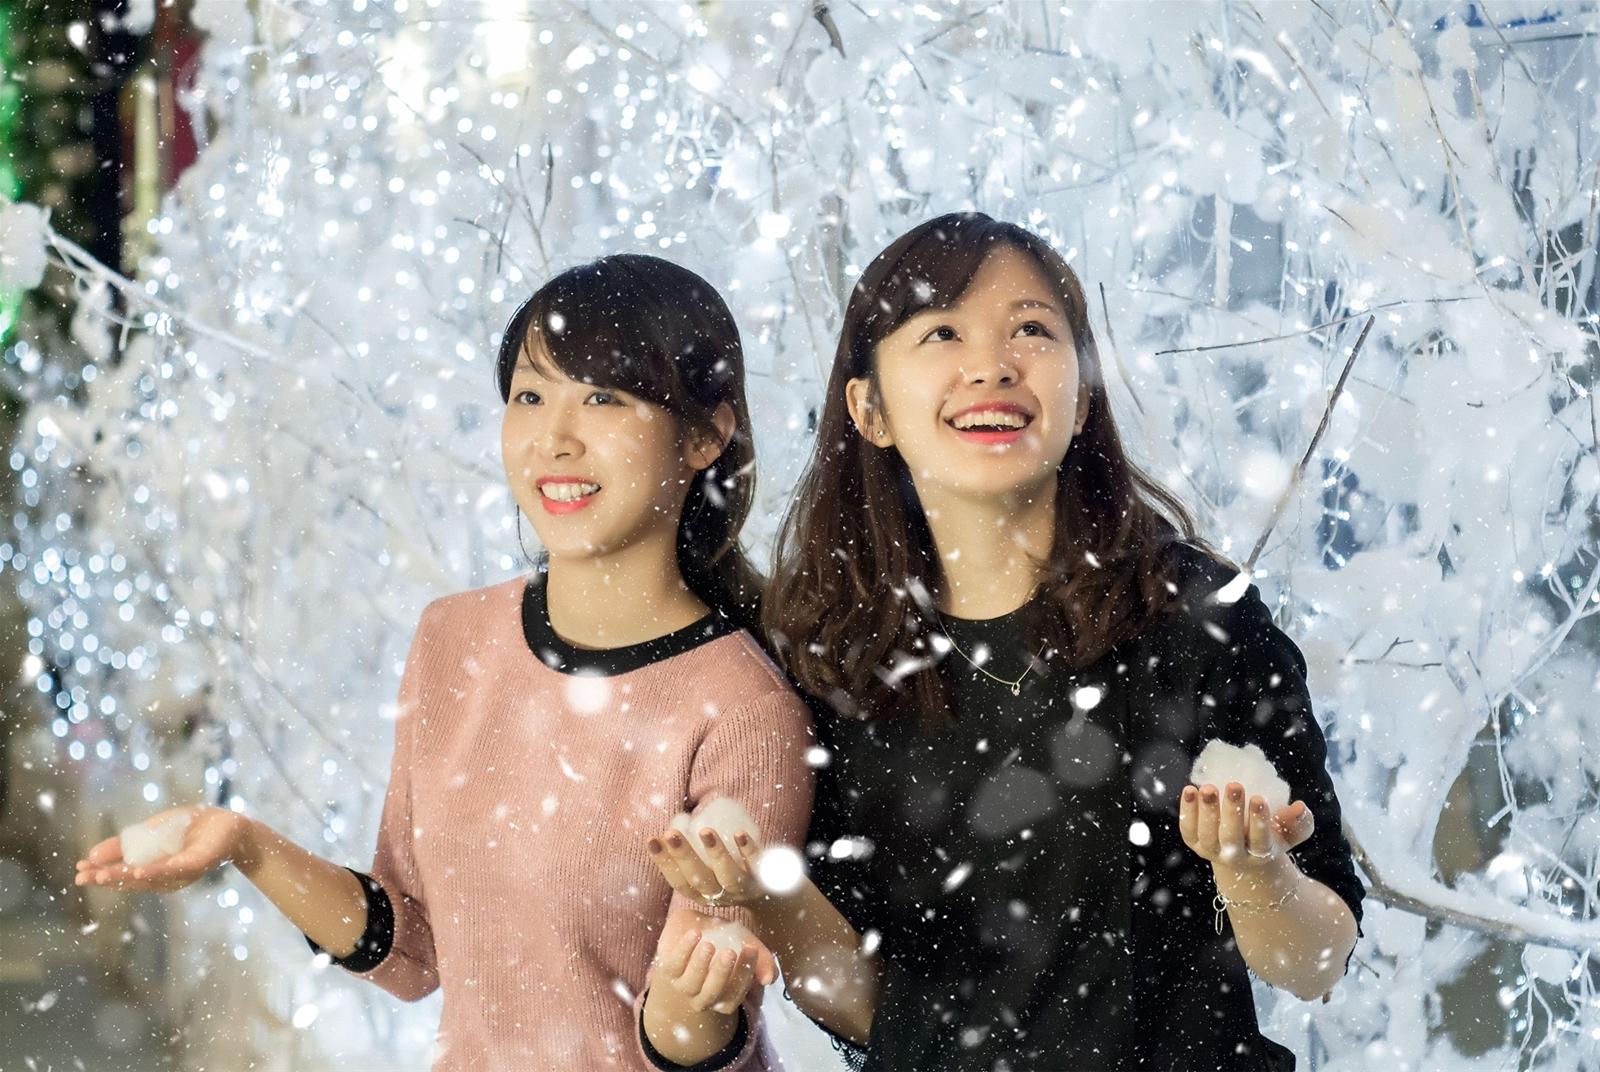 Hình ảnh tuyết rơi và hai cô gái xinh đẹp